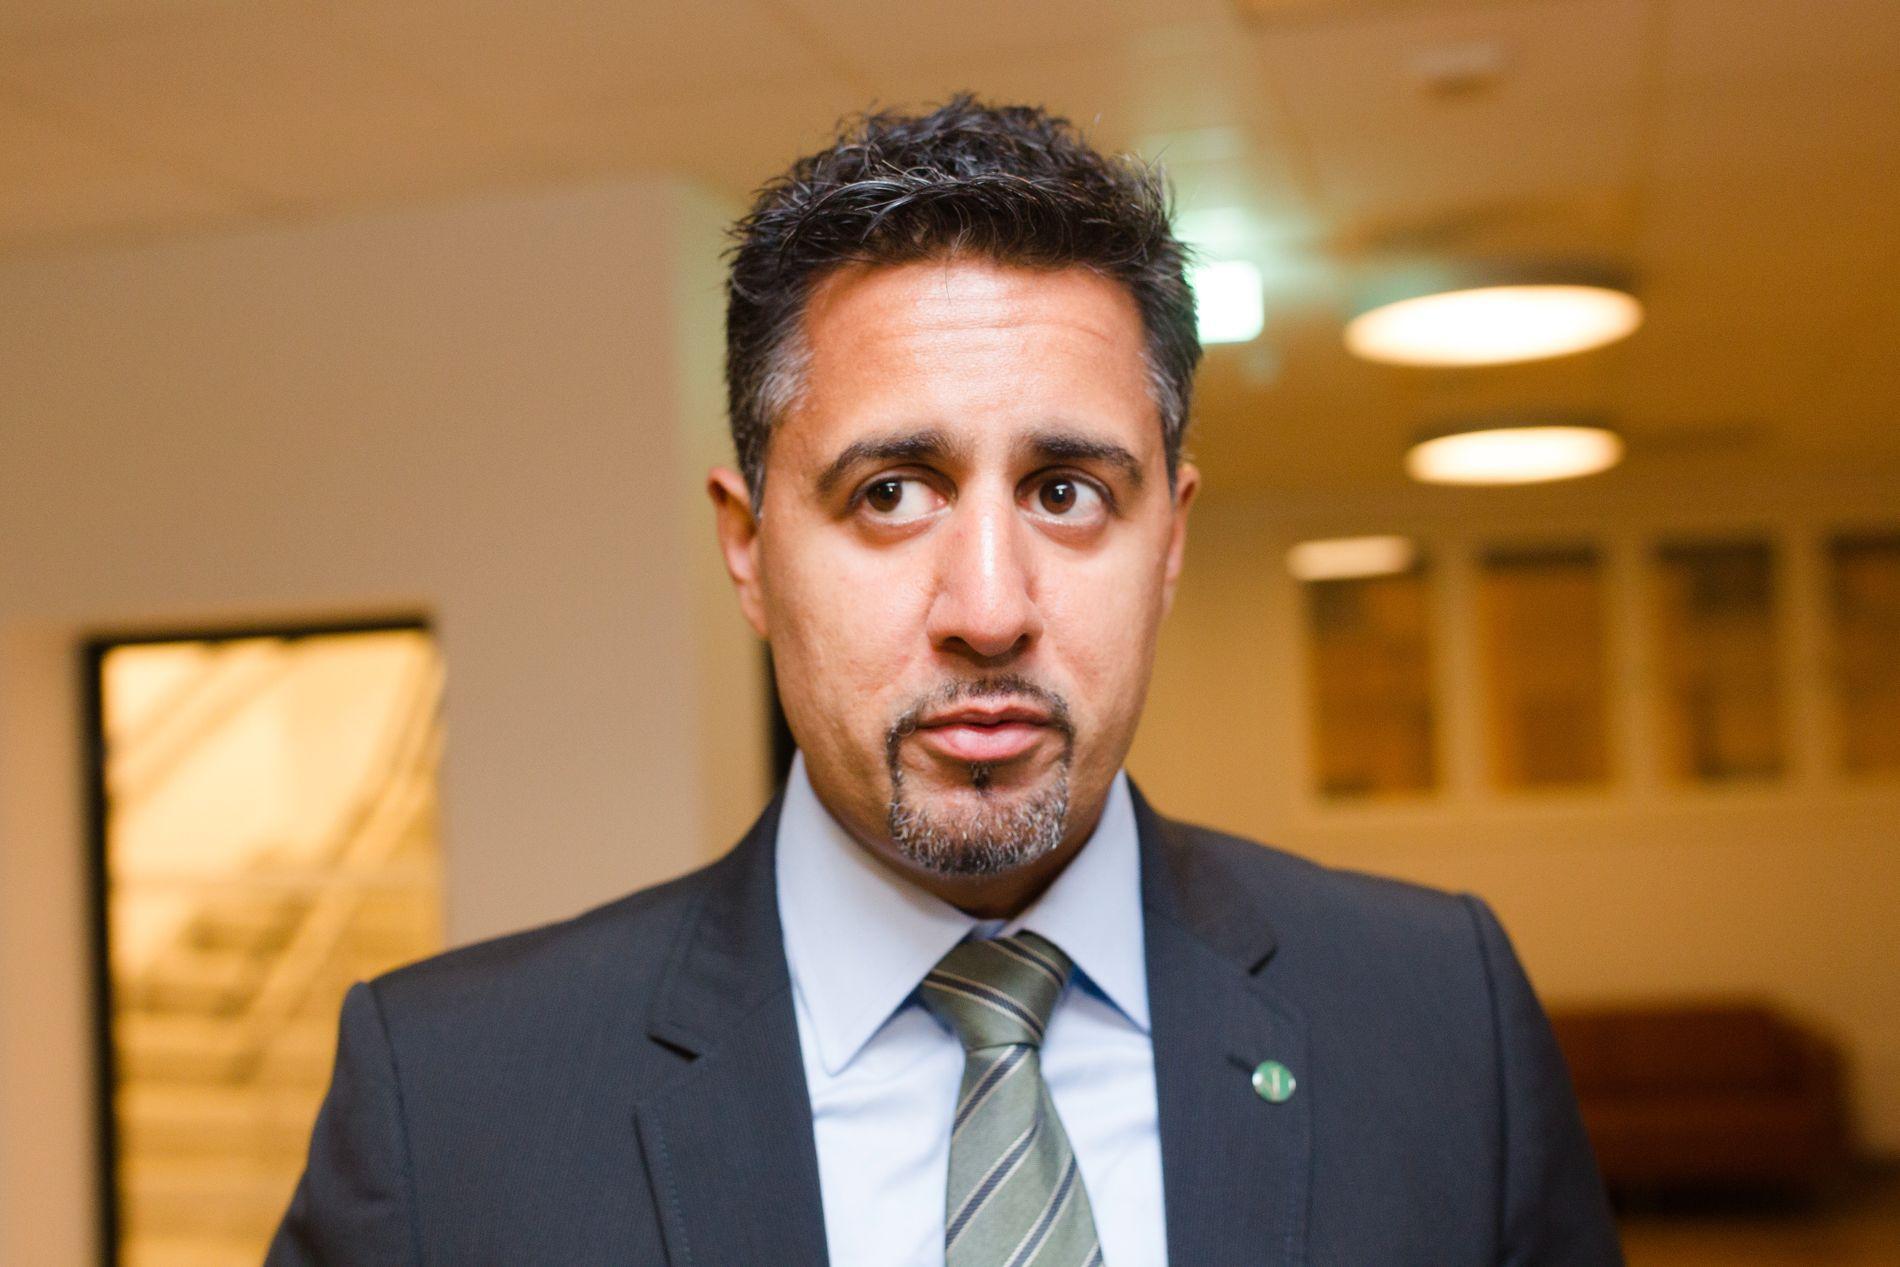 BER OM VURDERING: Abid Raja mener at Mæland må be styret i DNB om å vurdere konsernsjefens stilling.